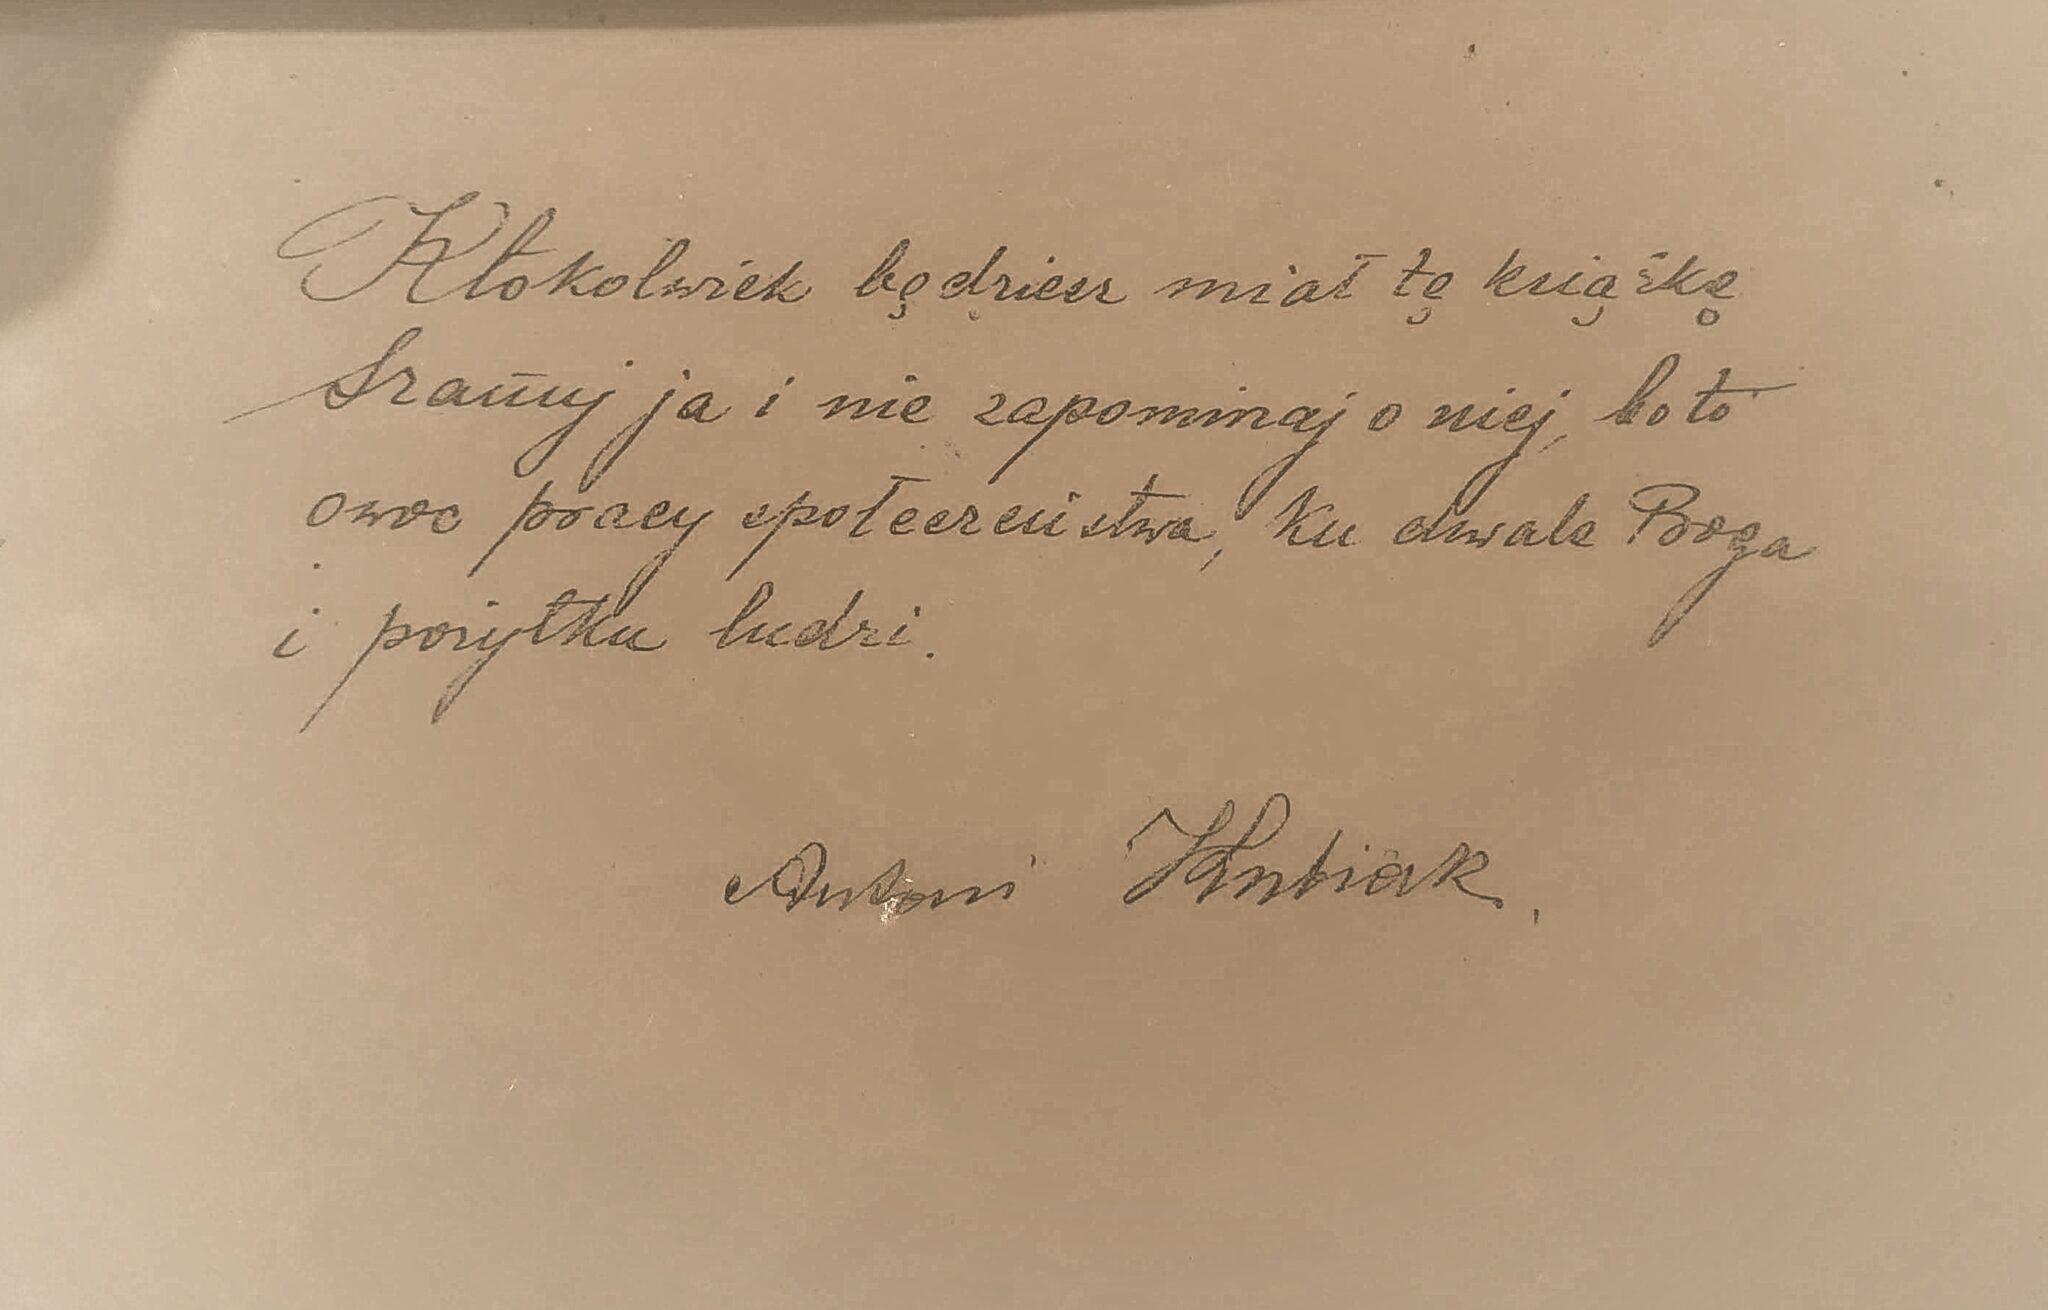 Podpis Antoni Kubiak - 21.02.1935. Z archiwum Orkiestry Dętej w Górze Św. Małgorzaty